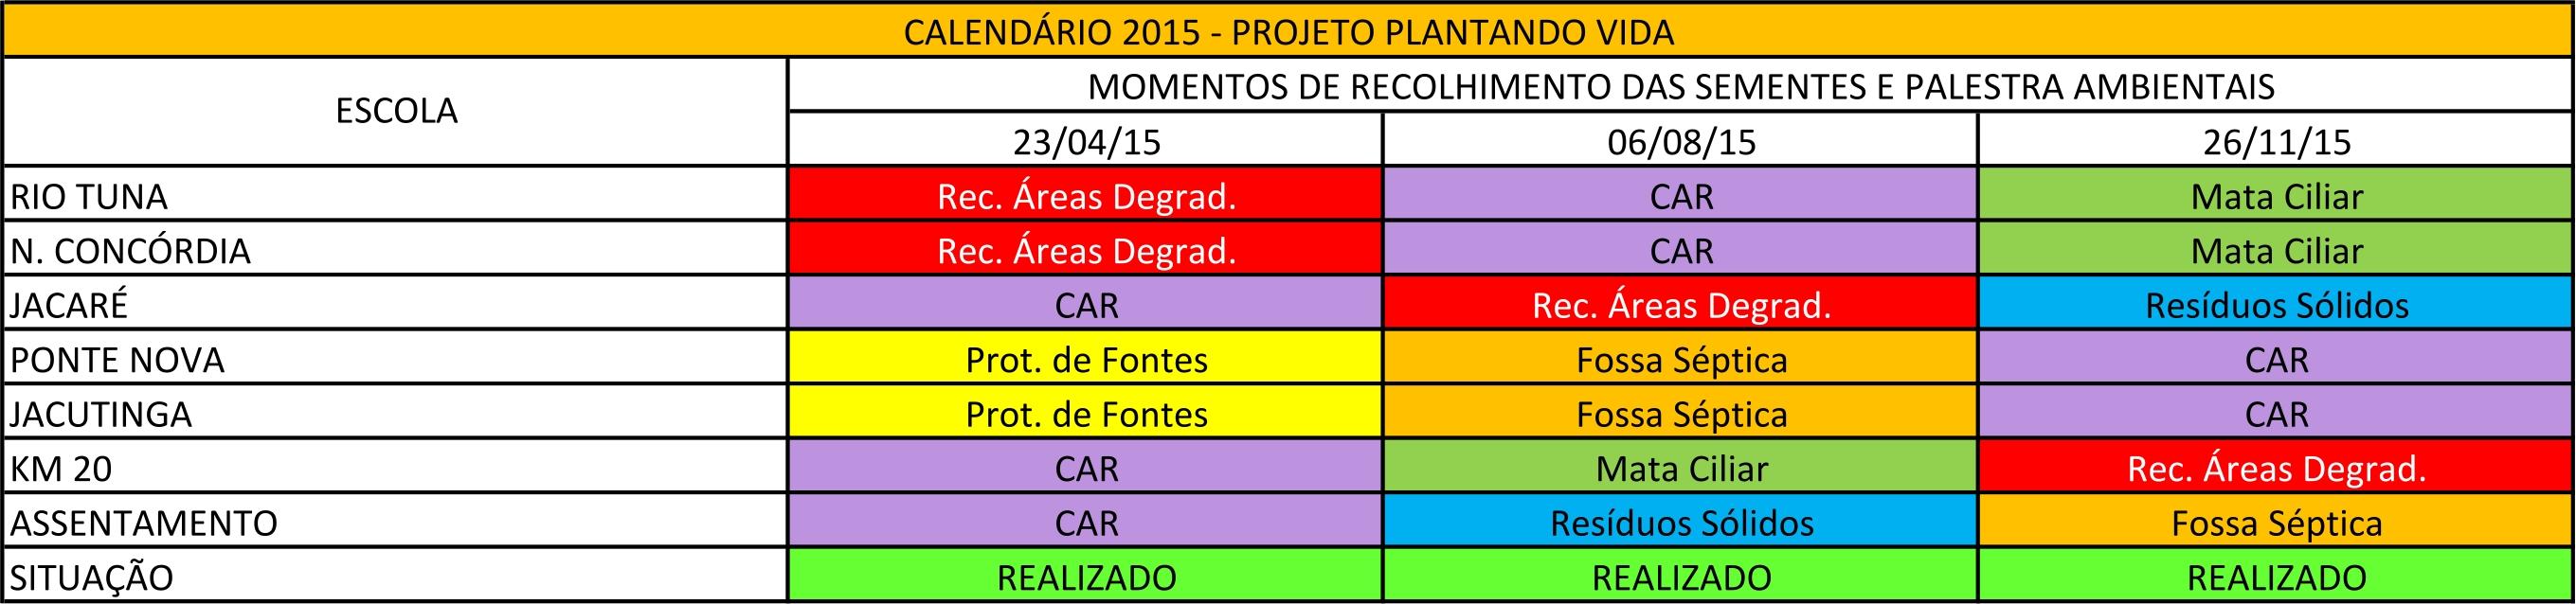 Calendário 2015 plantando vida